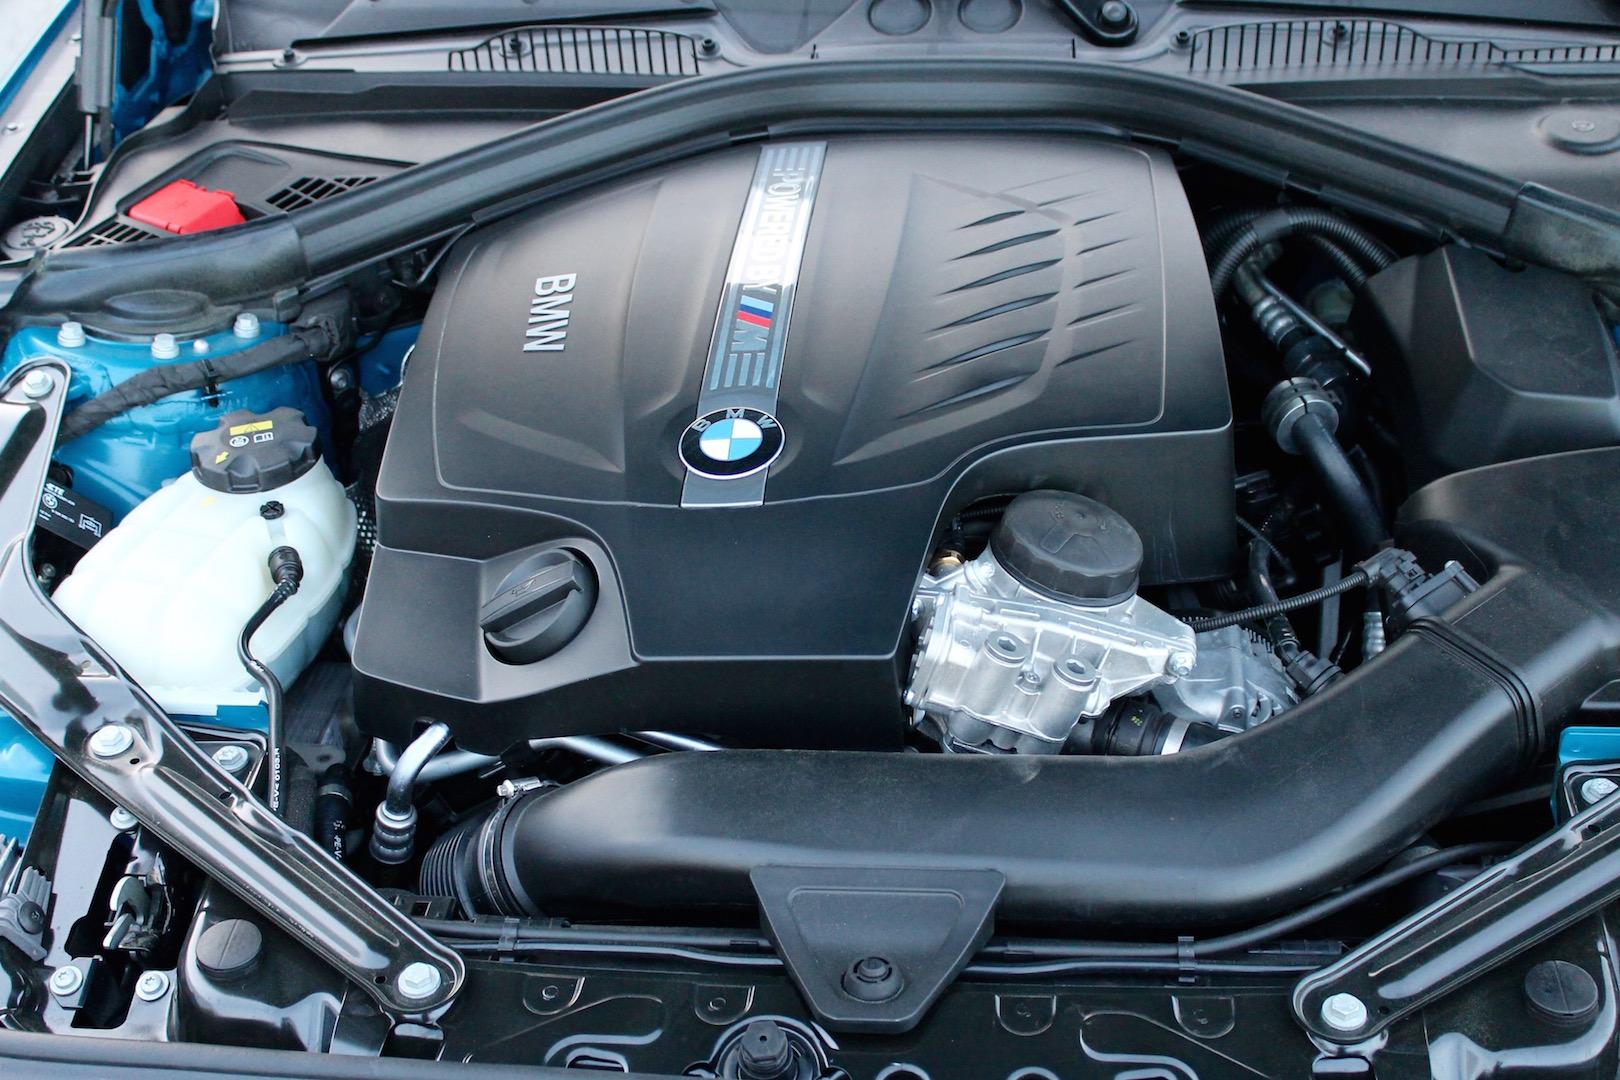 2016 BMW M2 inline-six engine